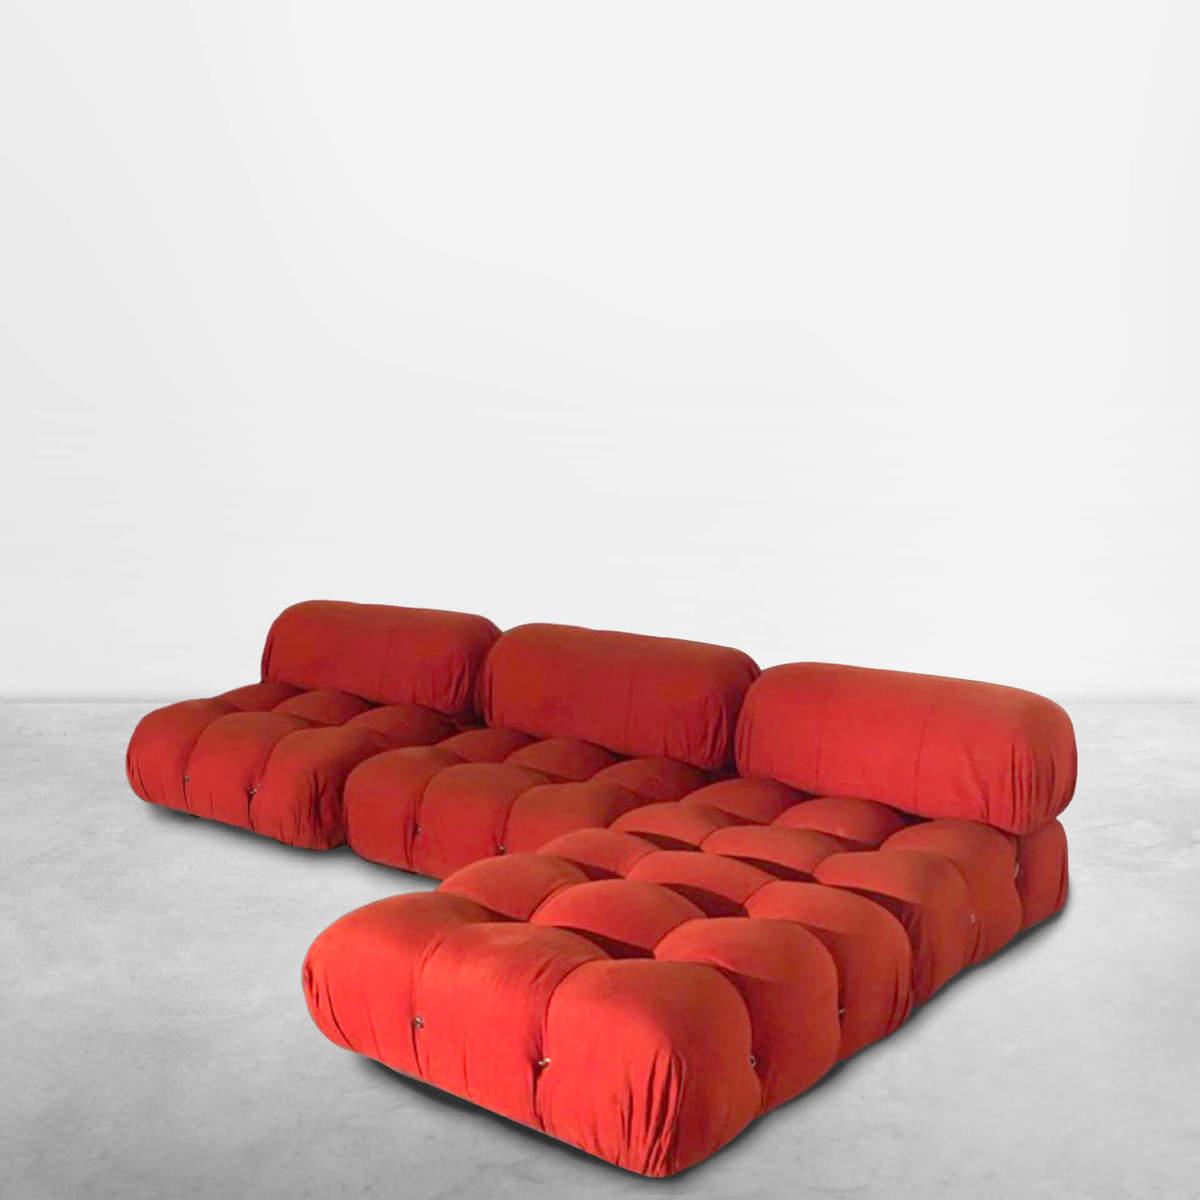 """Mario Bellini for B&B Italia, Italian Mid-Century """"Camaleonda"""" set of 4 modulse sofas in original orange fabric, 1970"""